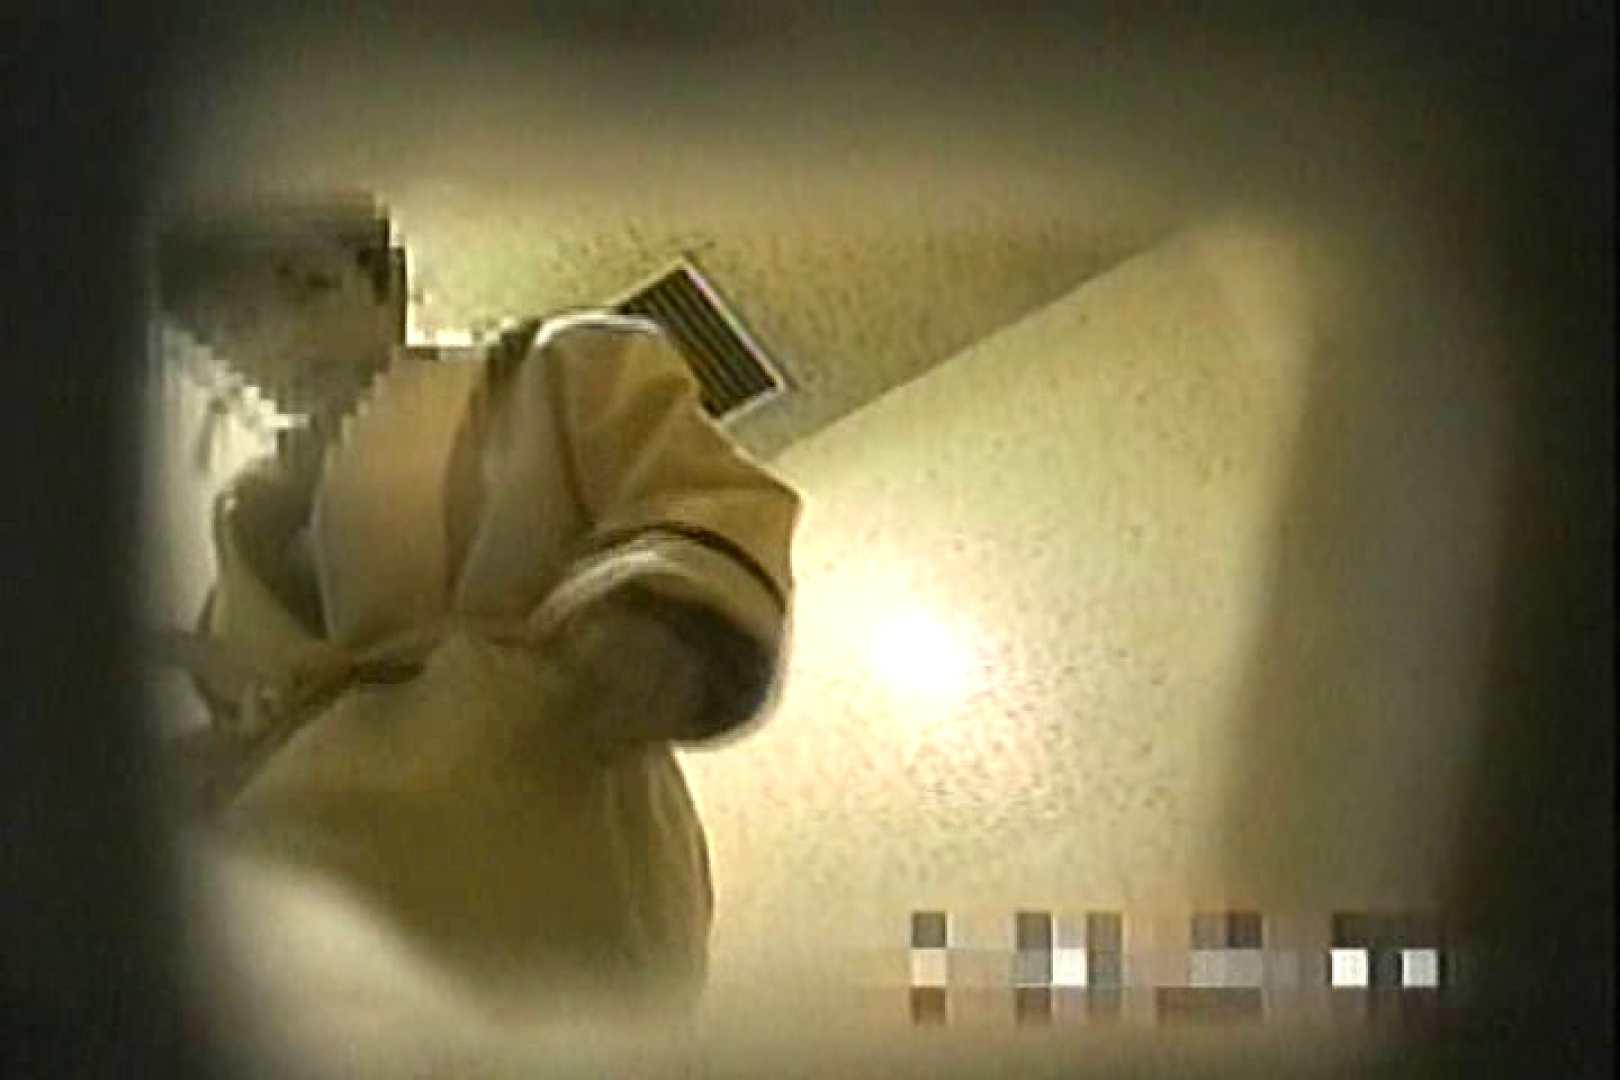 女子洗面所盗撮 今度の2カメは若い子だらけ  TK-127 マルチアングル | おまんこ  91画像 11